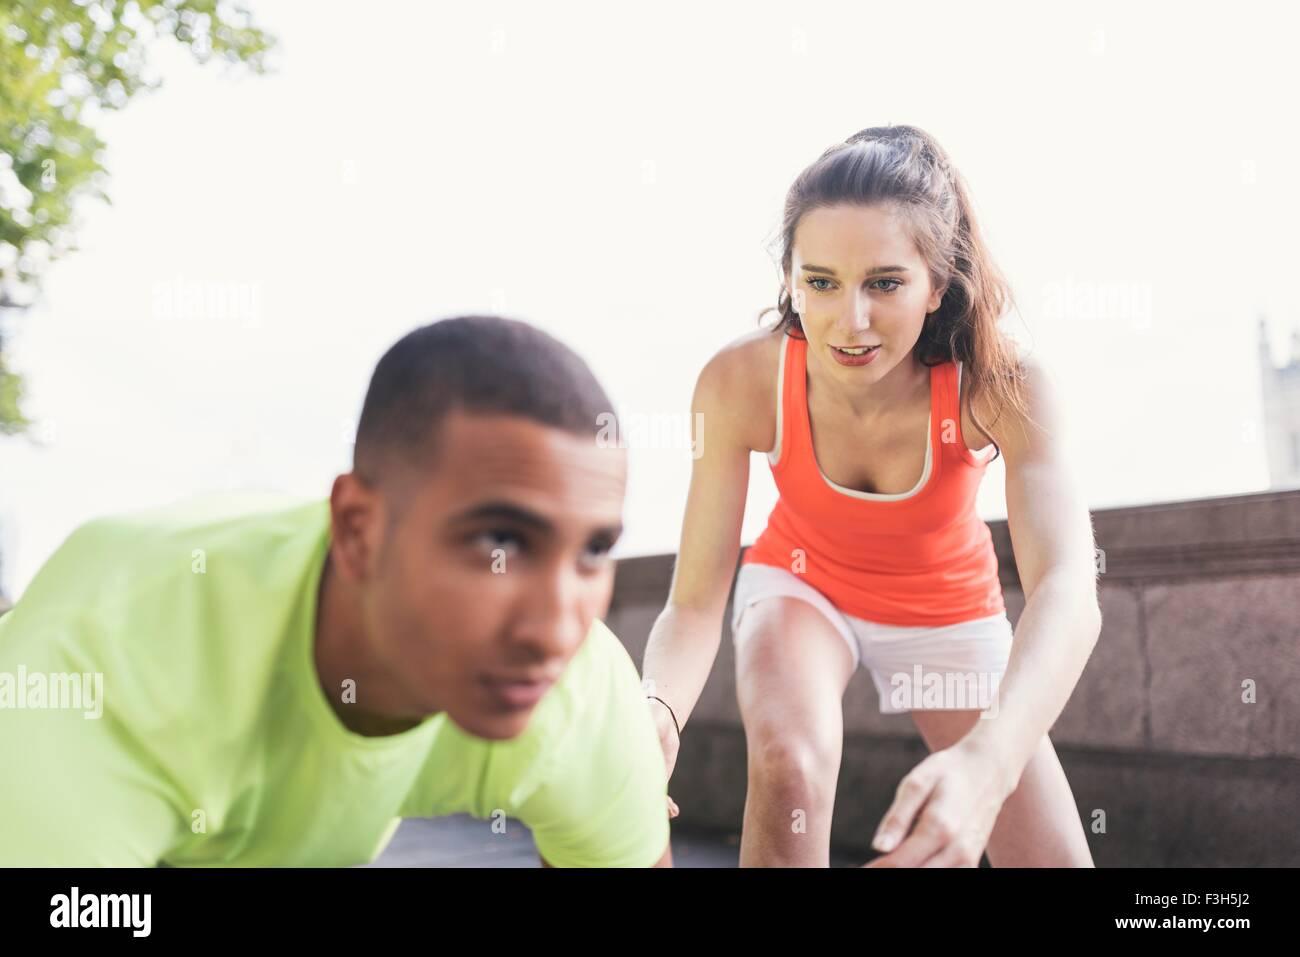 Junge weibliche Trainer üben beginnt mit männlichen Läufer Stockbild